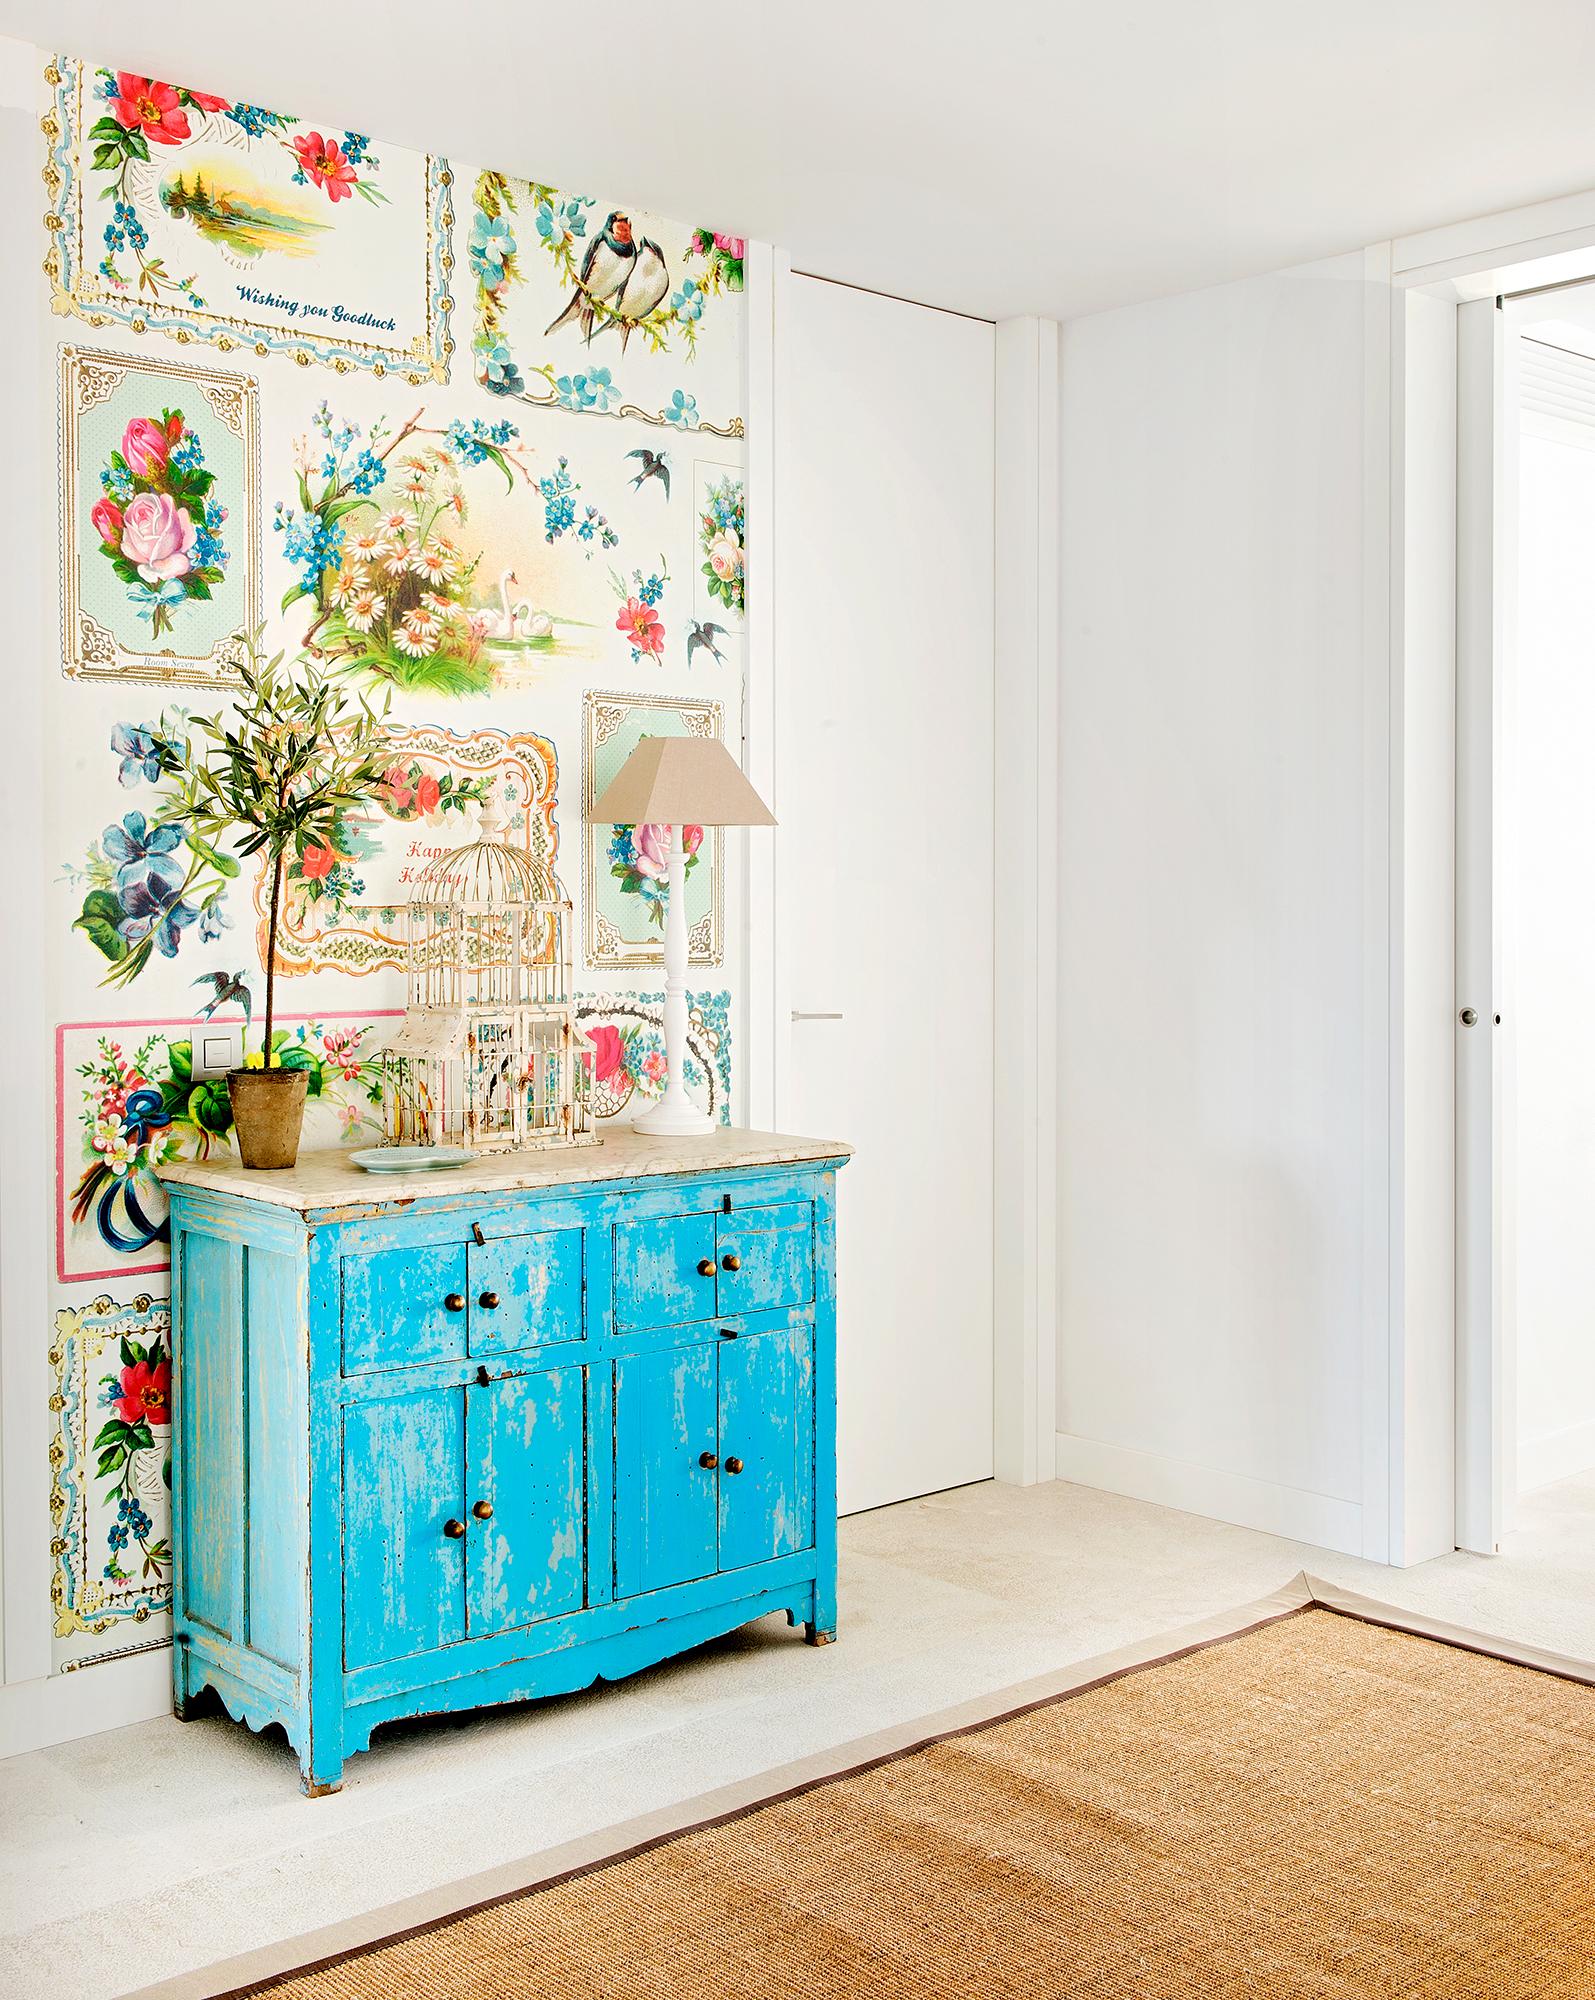 Pasillos Todo Sobre La Decoraci N De Pasillos Con Encanto # Muebles Punto Paso